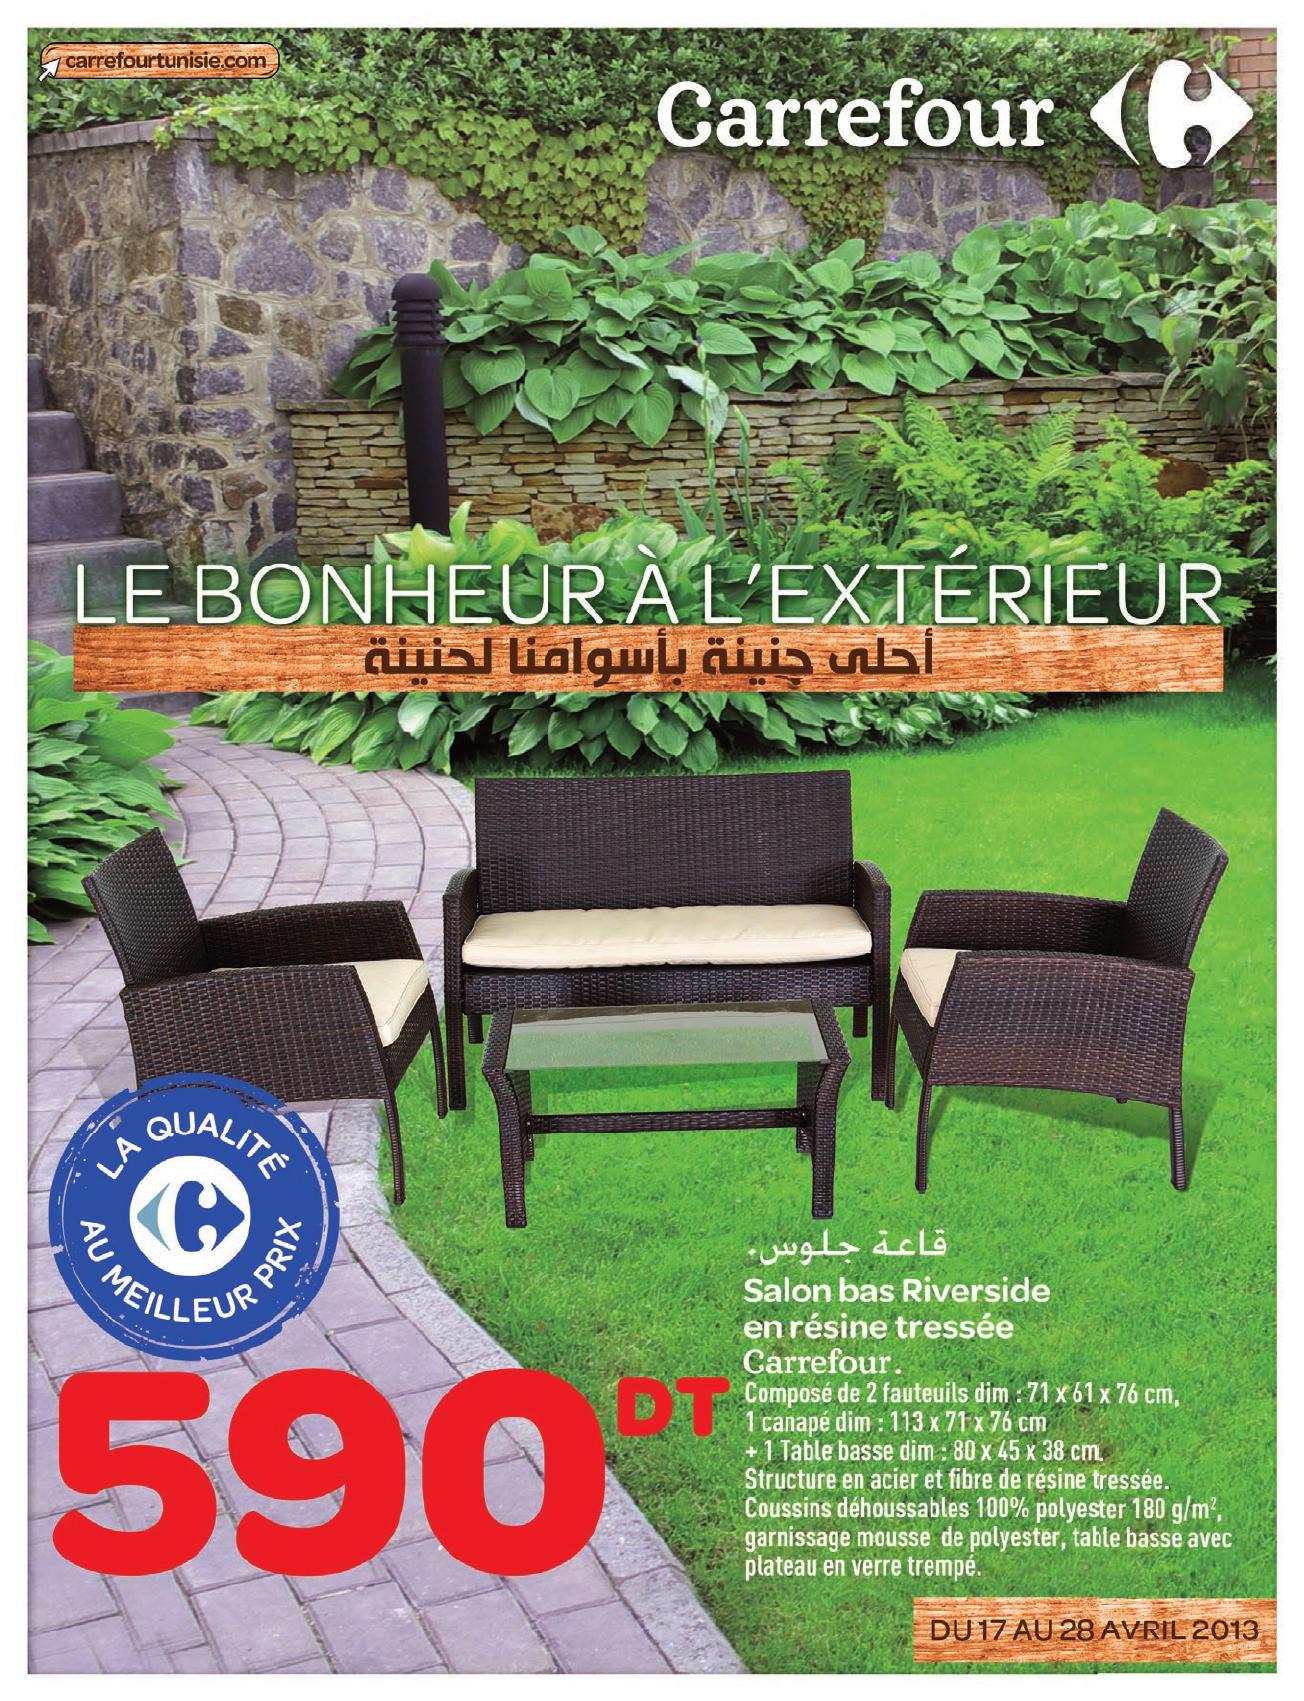 Catalogue Carrefour Le Bonheur L'extrieur dedans Salon De Jardin Résine Tressée Carrefour